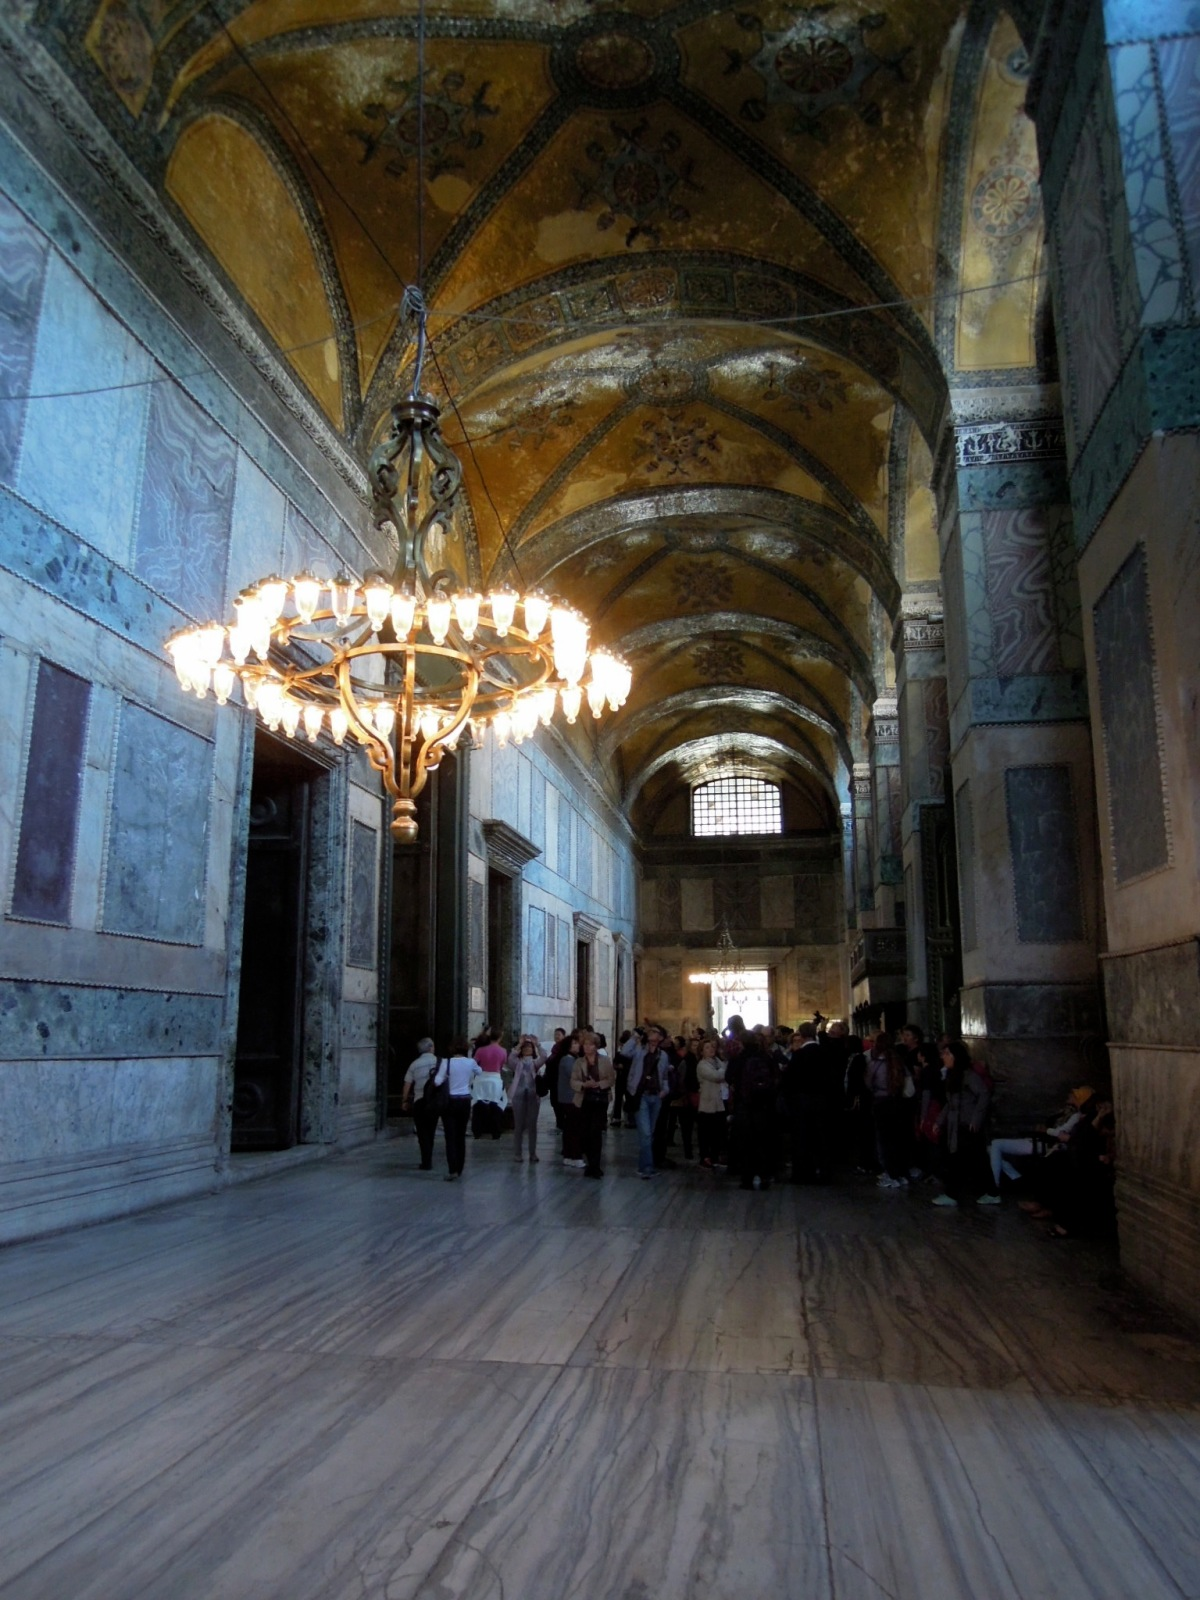 Hallway in the Aya Sofya